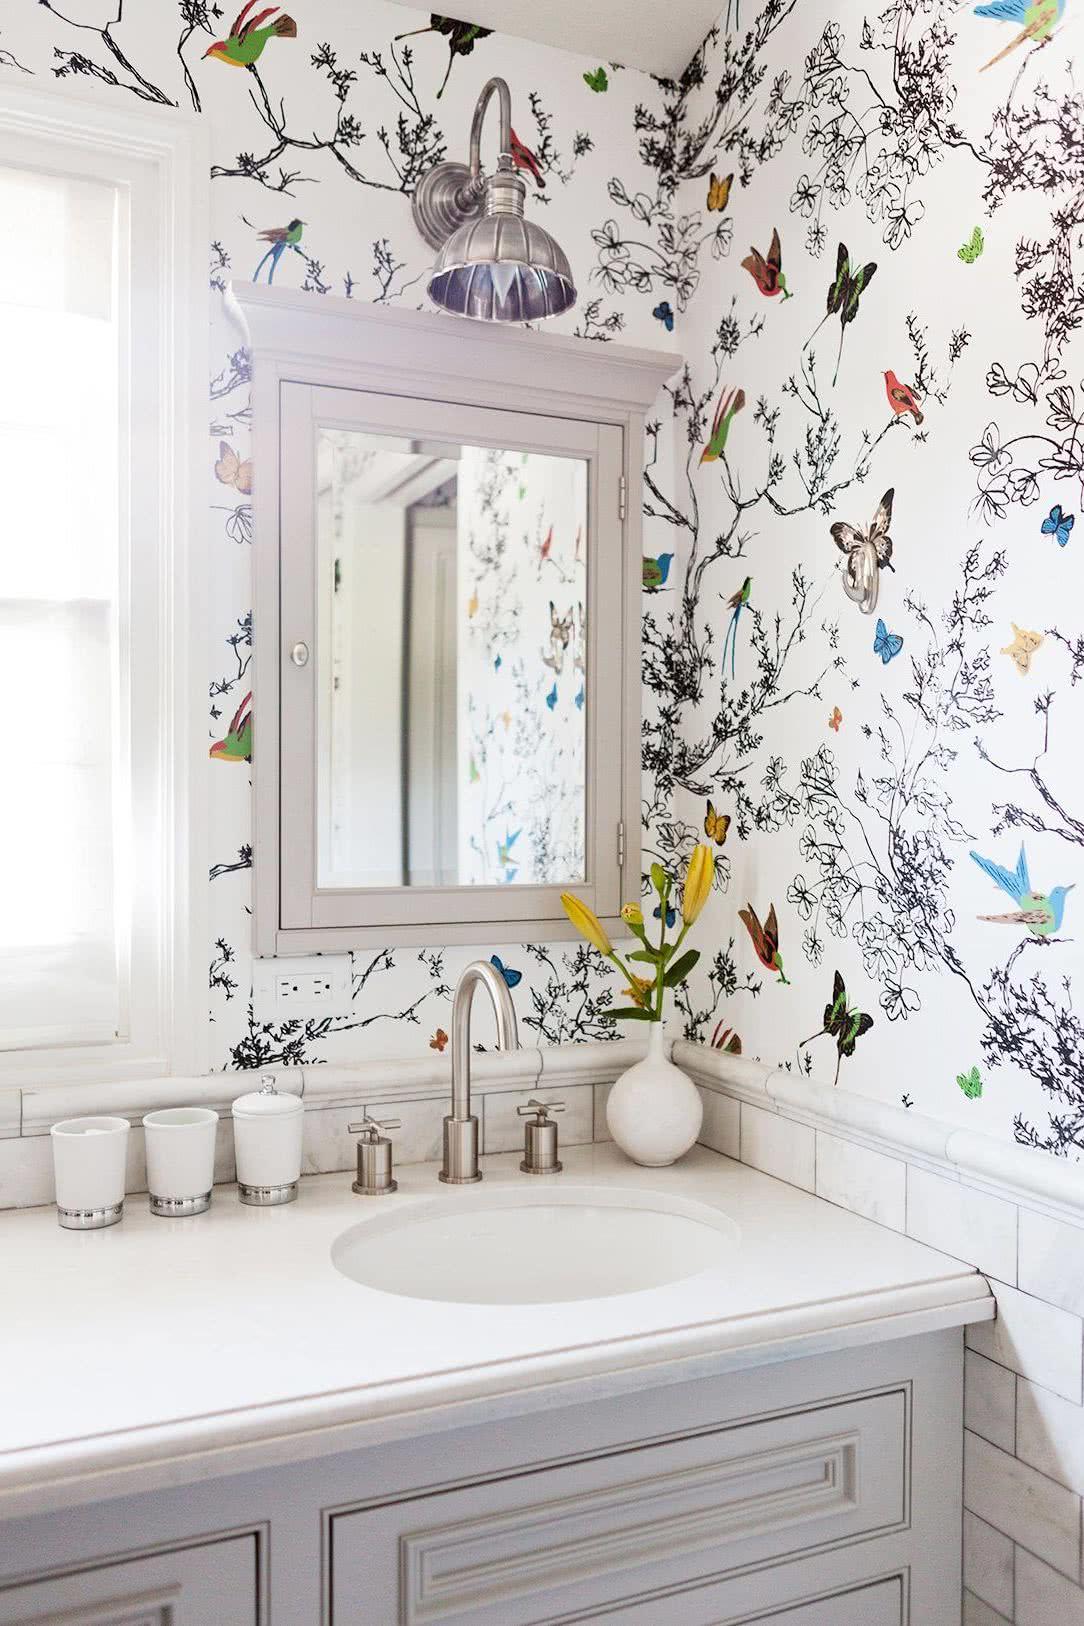 Decoraci n de paredes del ba o vinilos papel o azulejos - Decoracion de papel para paredes ...